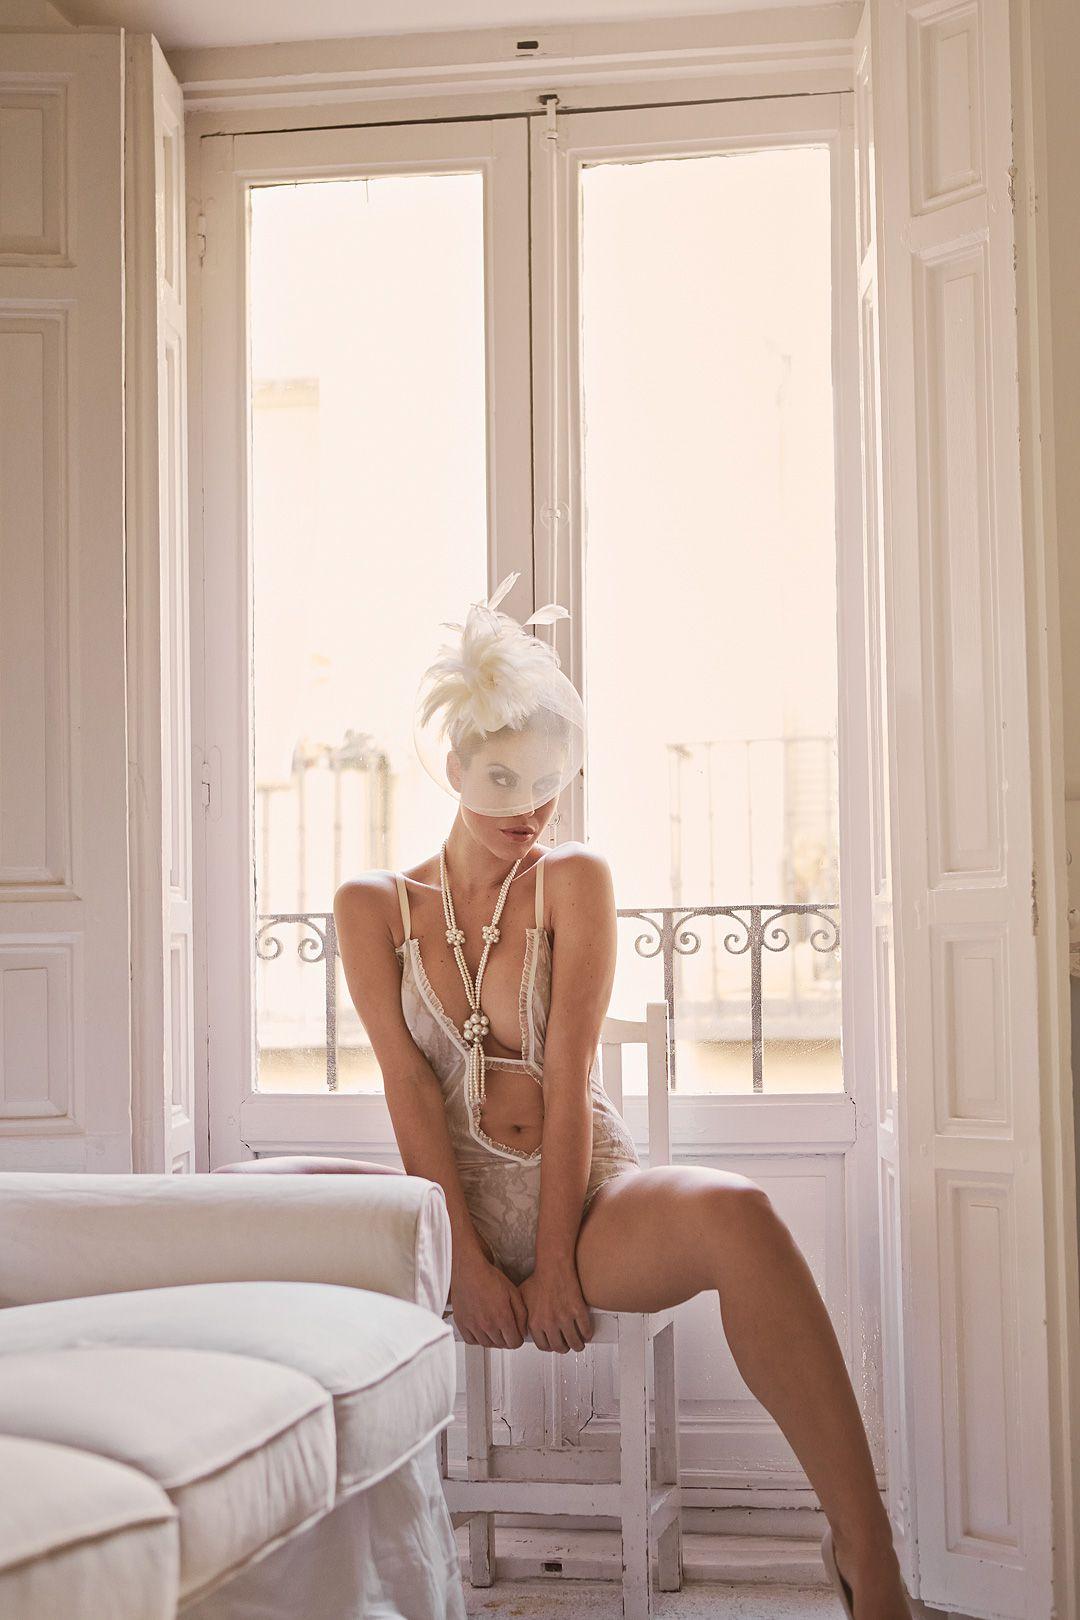 fotos boudoir en domicilio y apartamento de modelo profesional sensual madrid Rocío Z 75 jpg